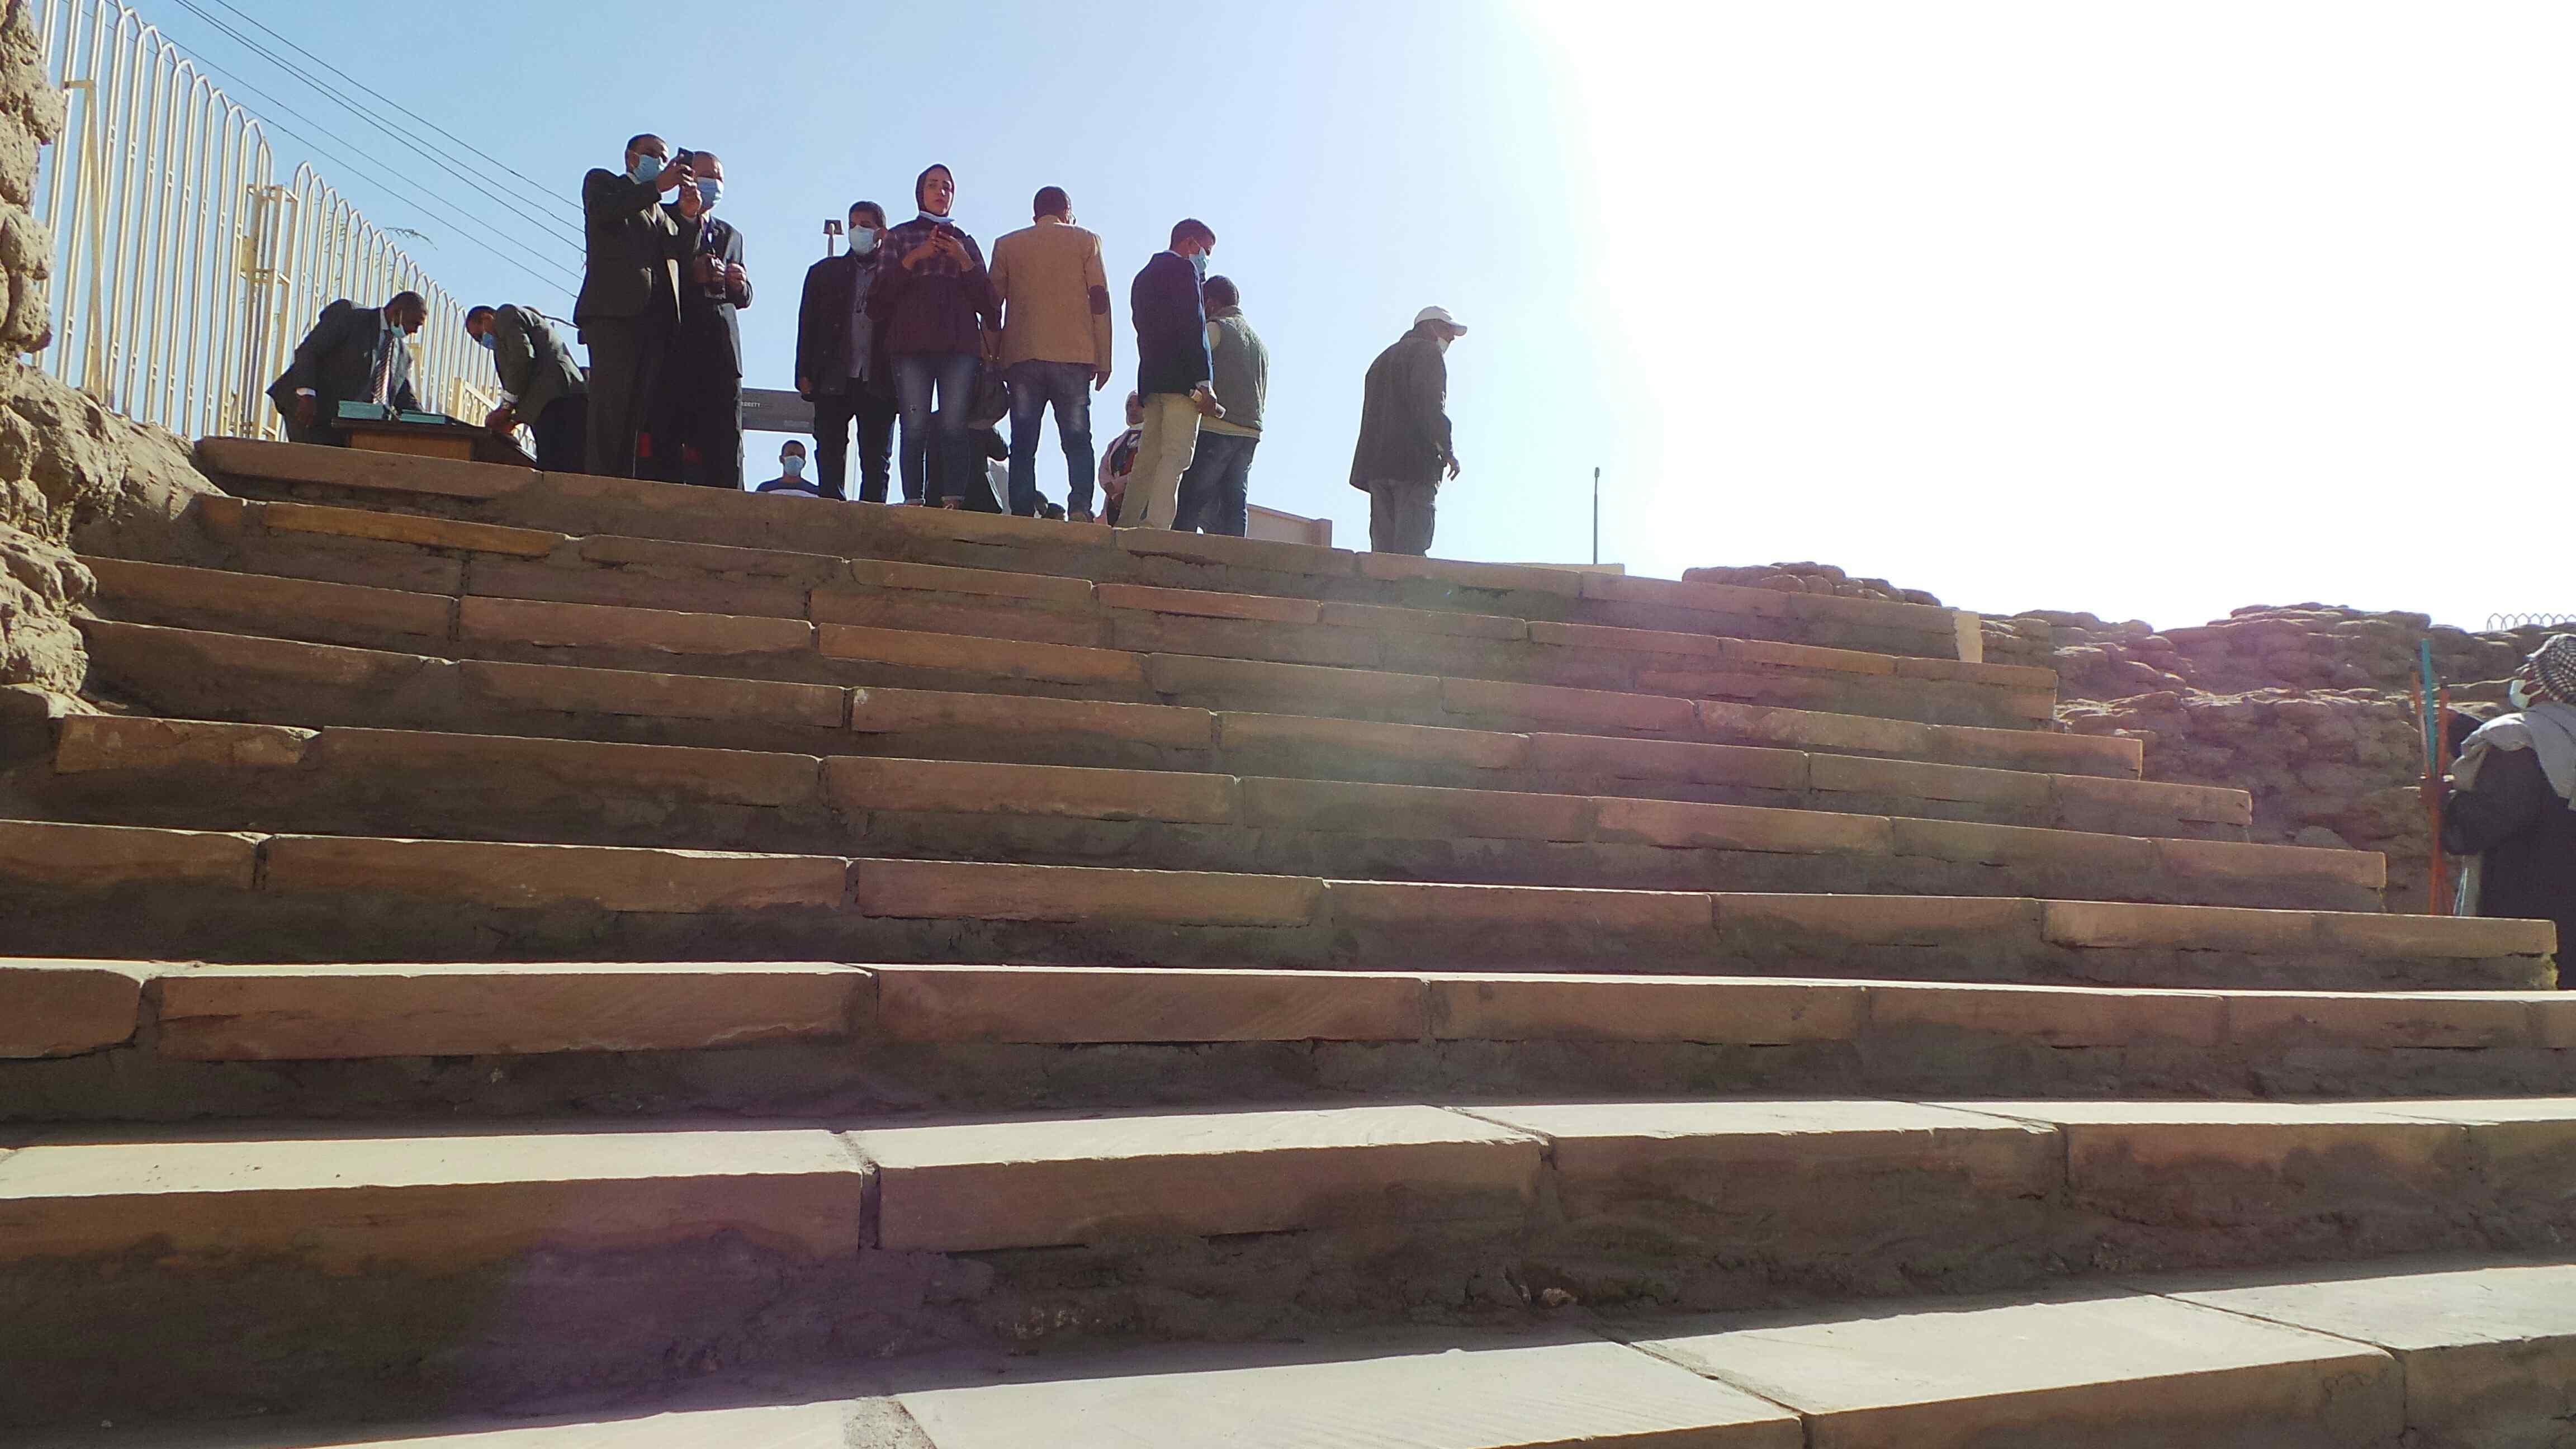 معبد إيزيس بعد افتتاحه بمناسبة عيد أسوان (3)